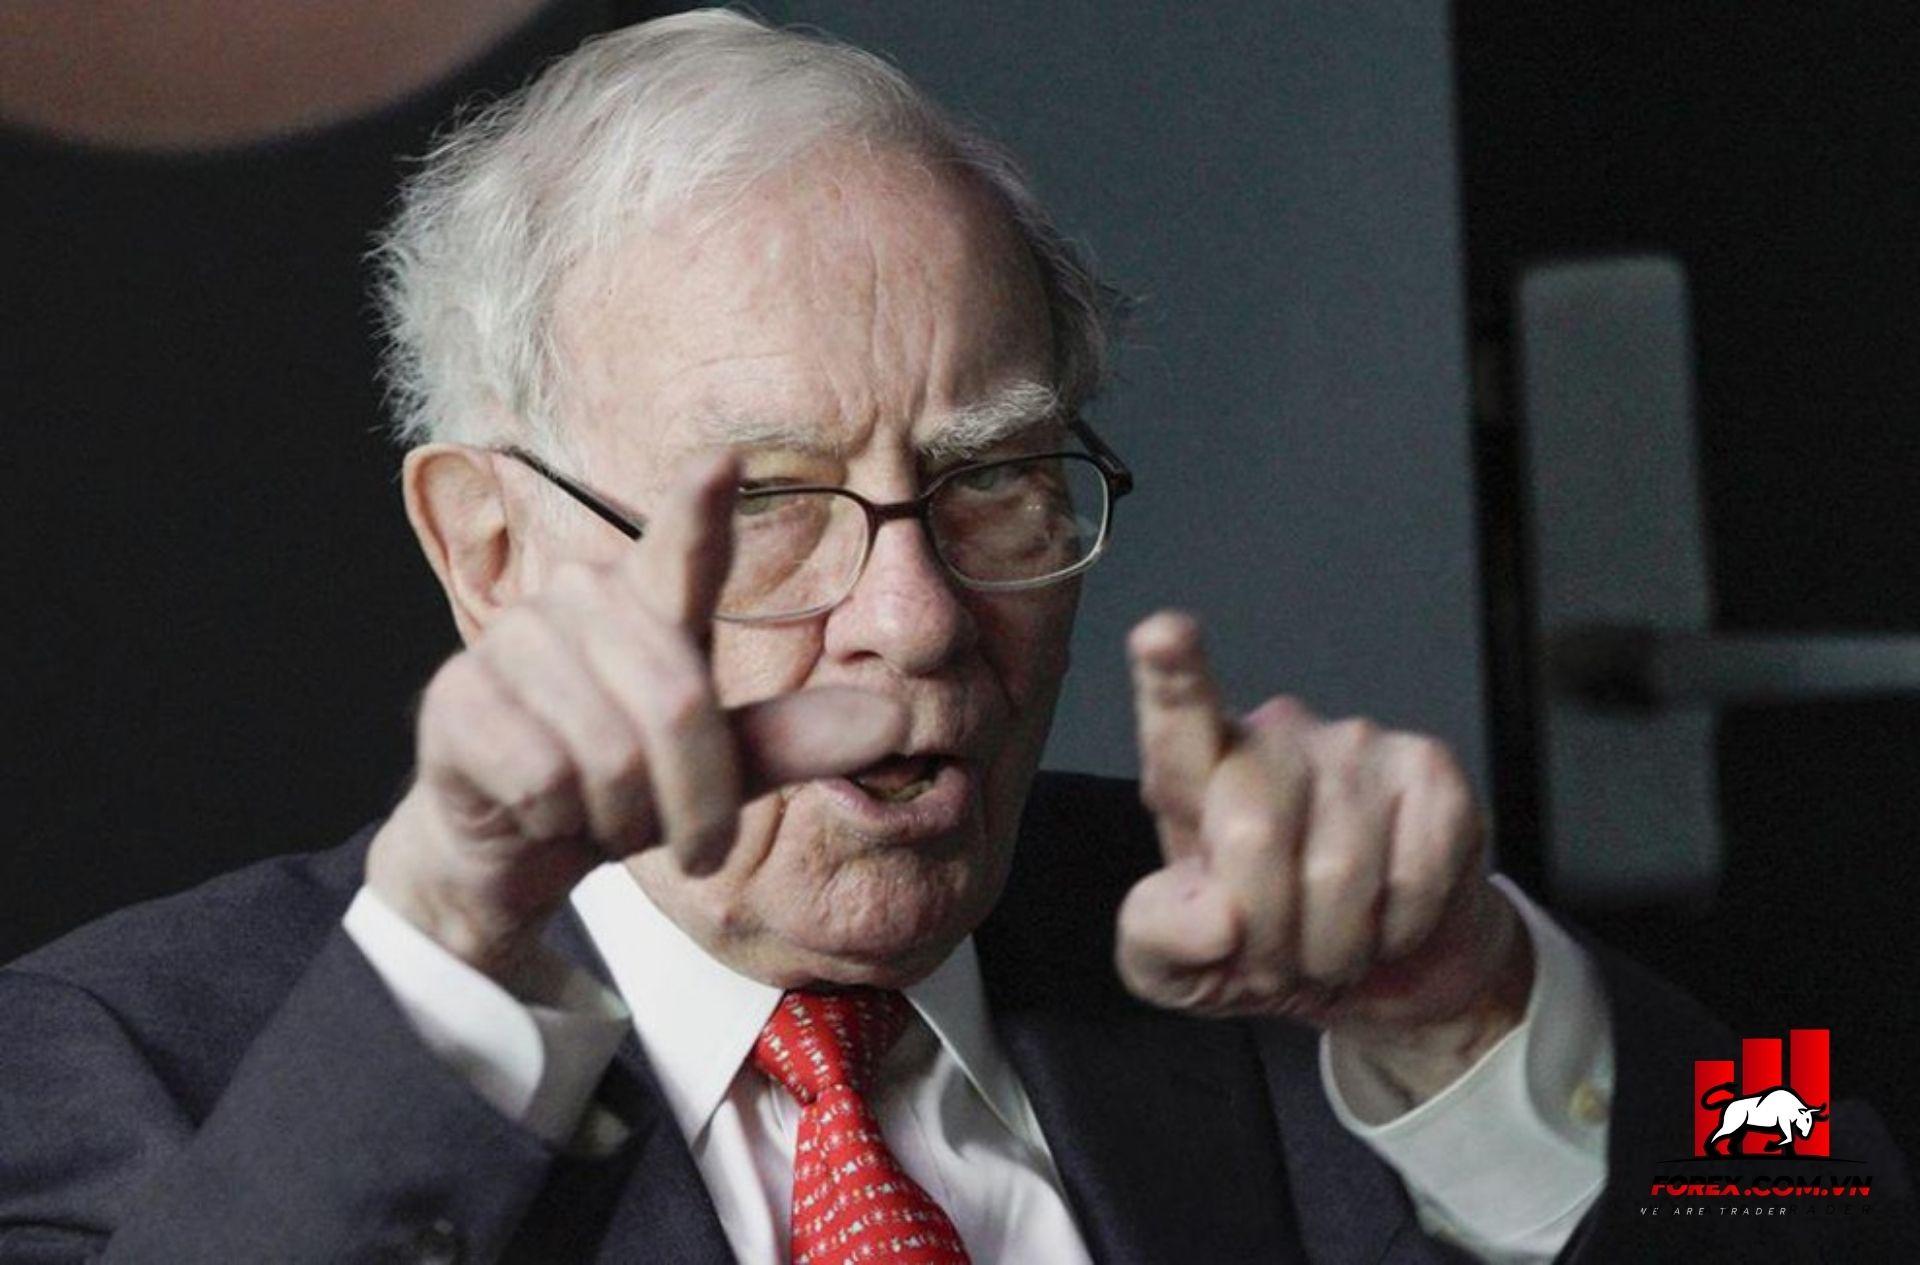 Nhà đầu tư nổi tiếng Warren Buffett